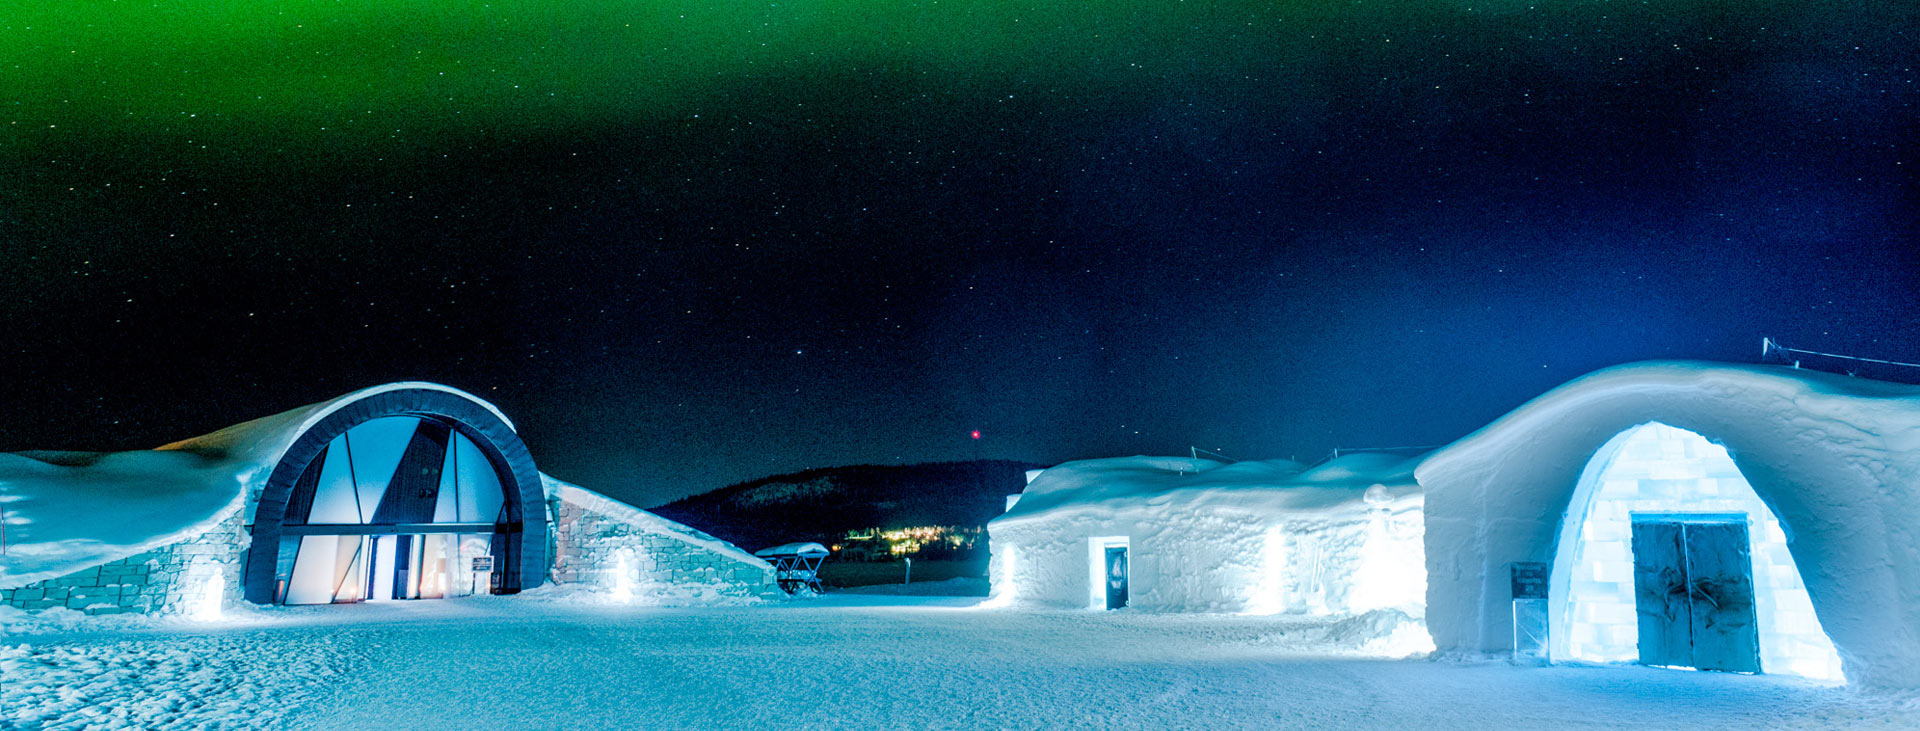 Icehotel, Jukkasjärvi, Sverige